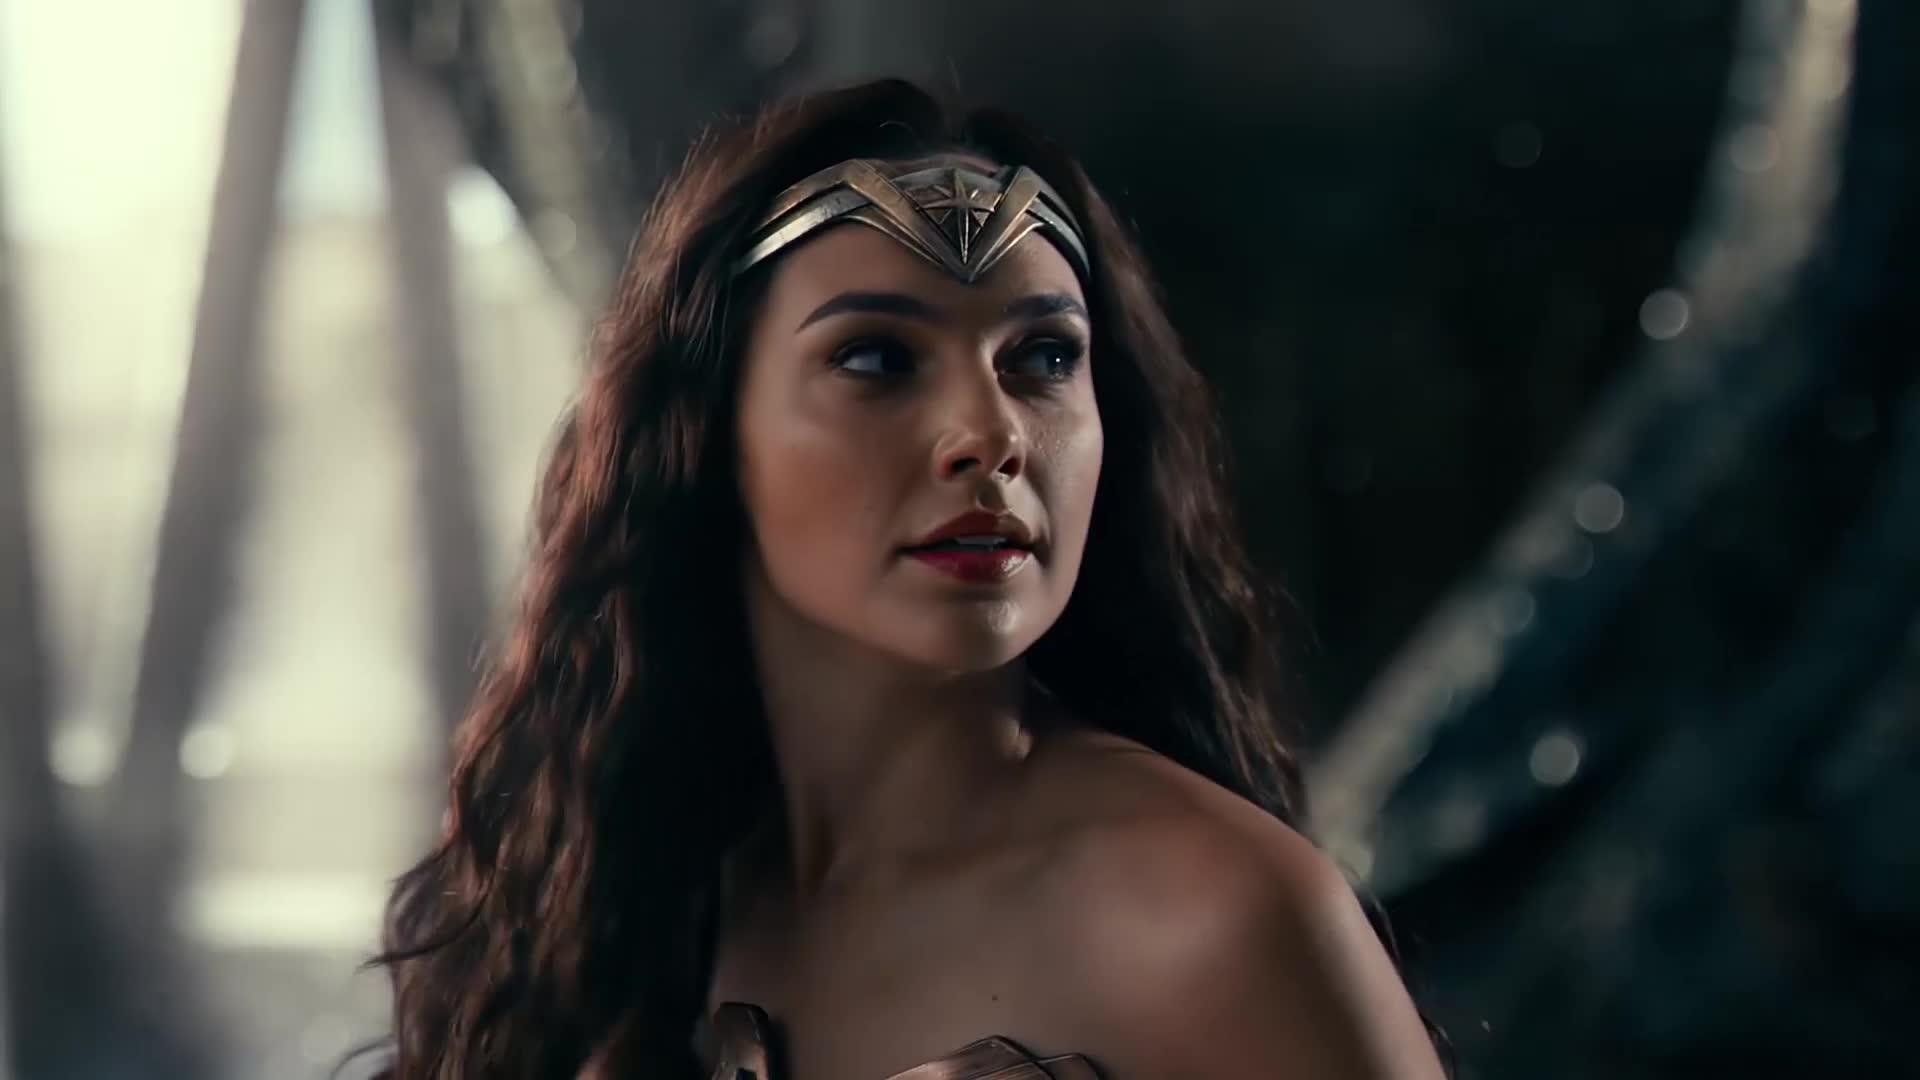 #电影迷的修养#正义联盟:神奇女侠不敌荒野狼,超人立马出现